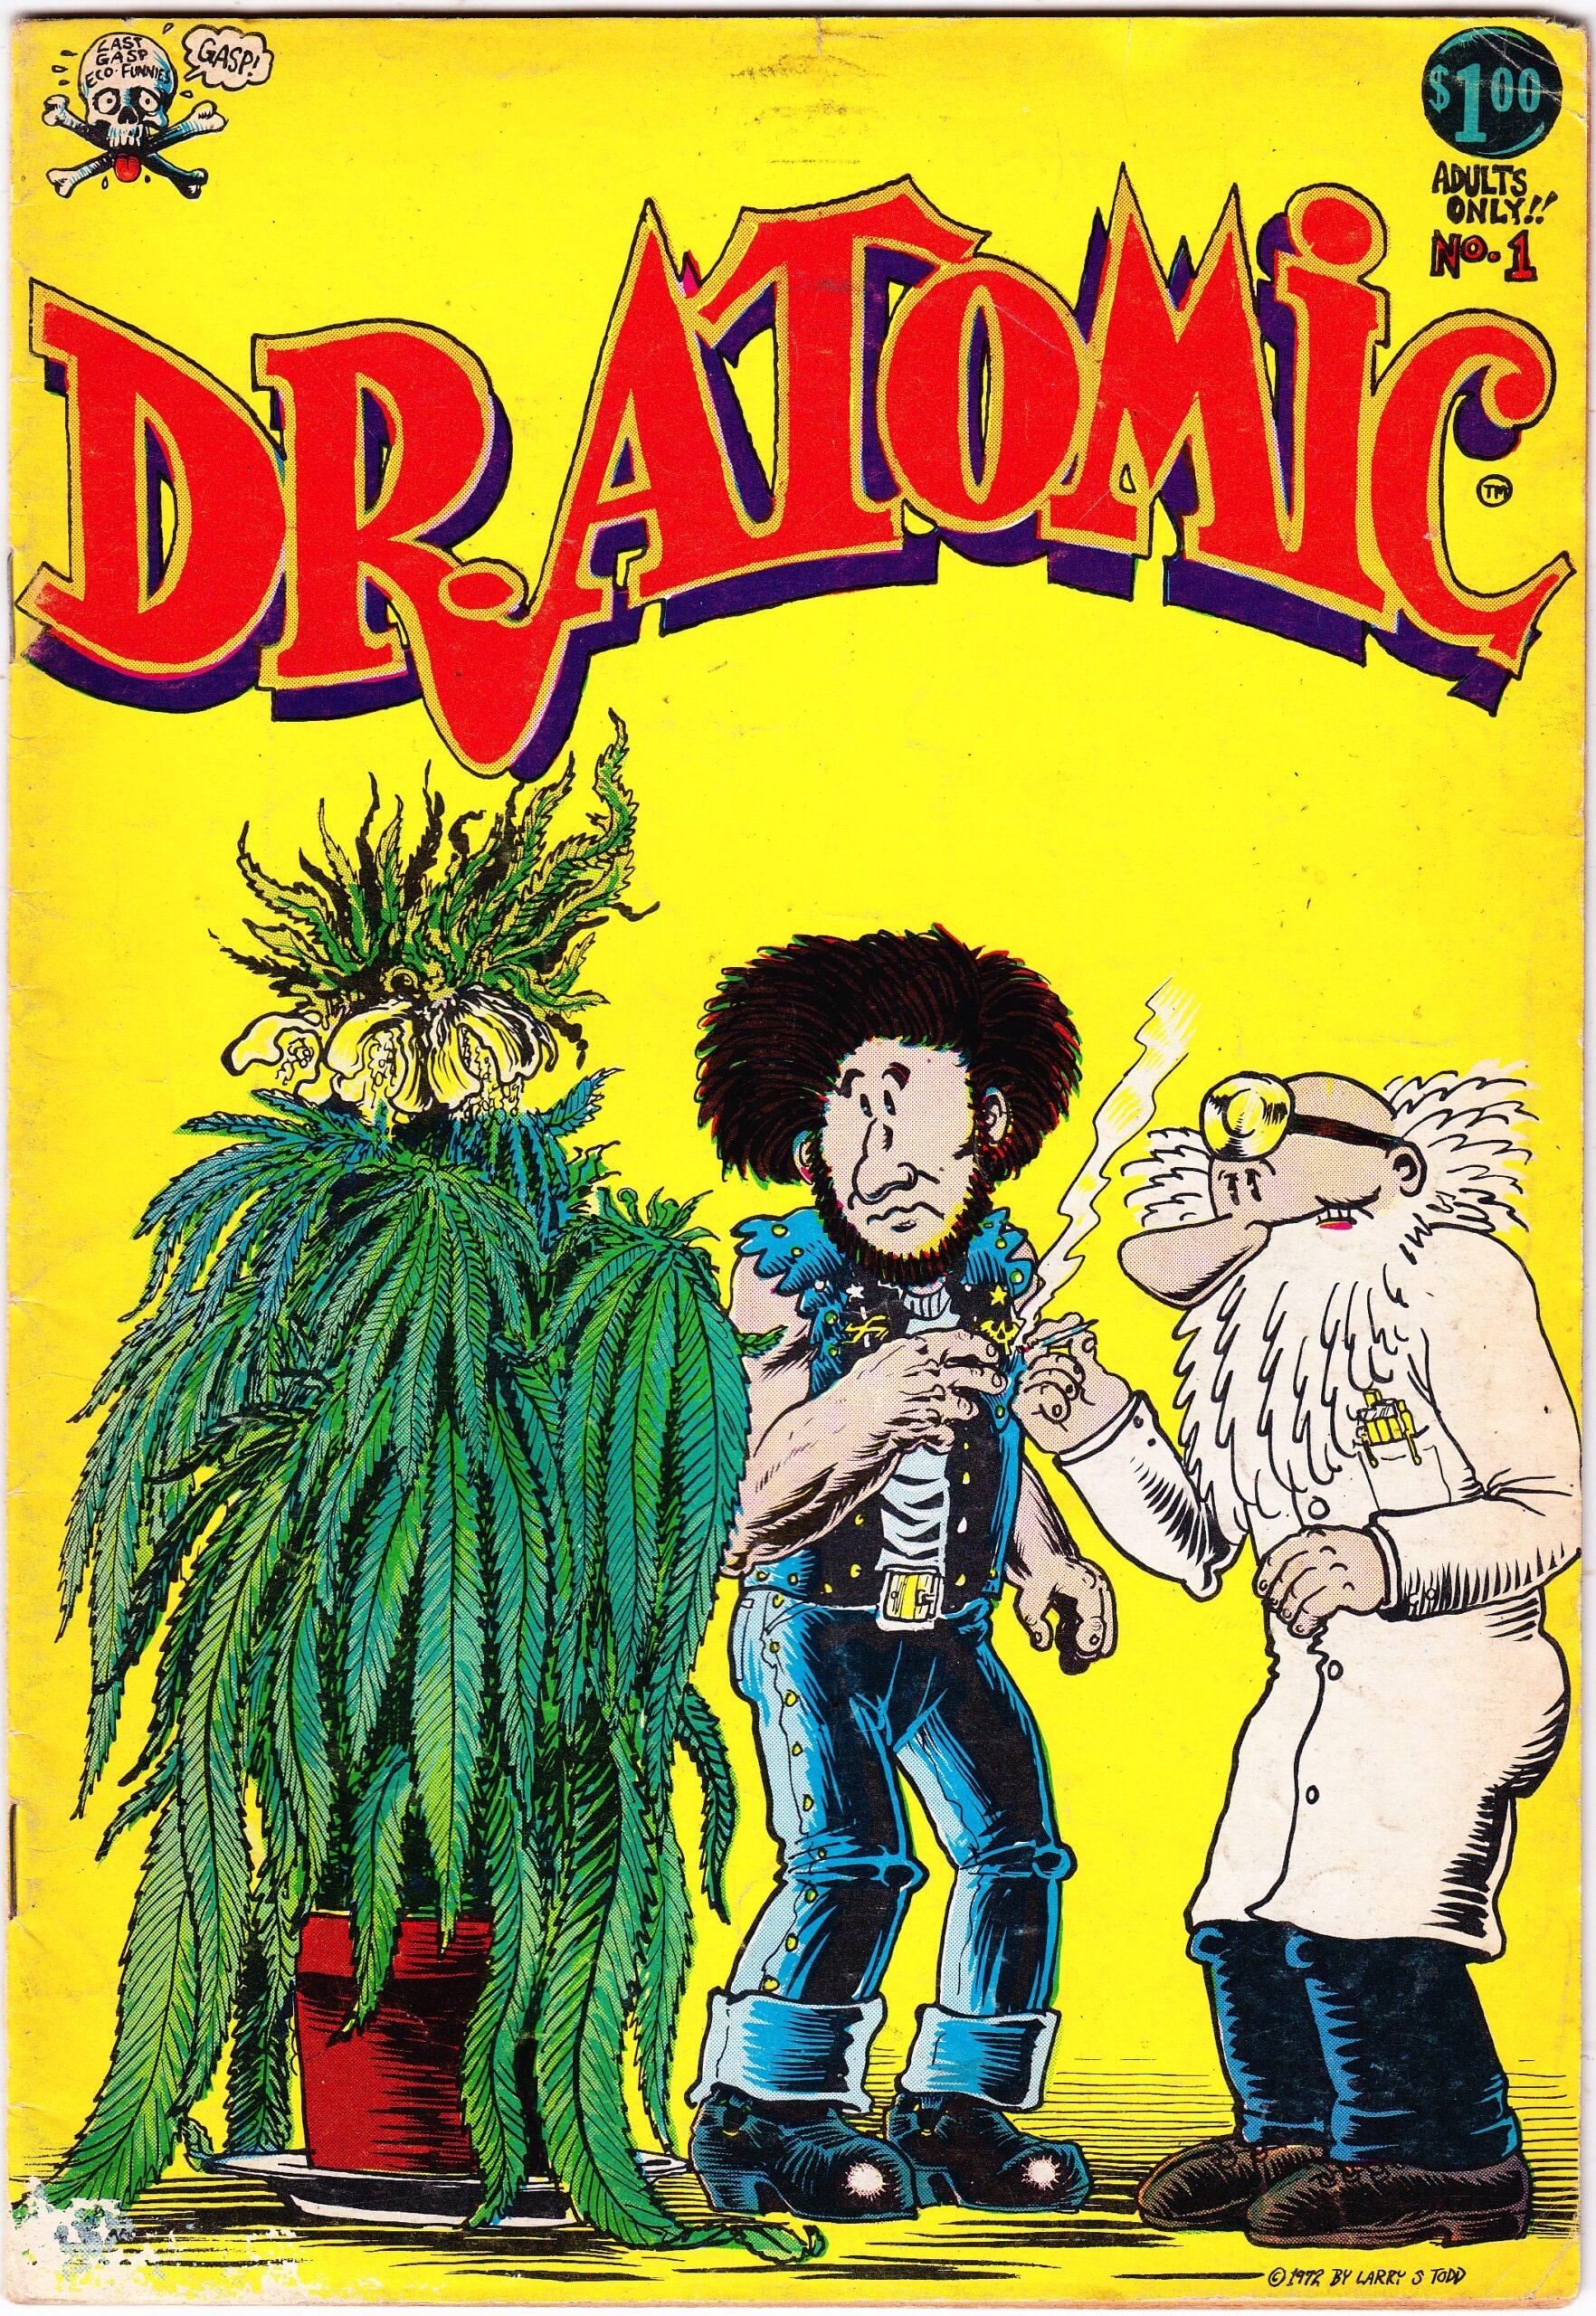 Dr. Atomic's Bong